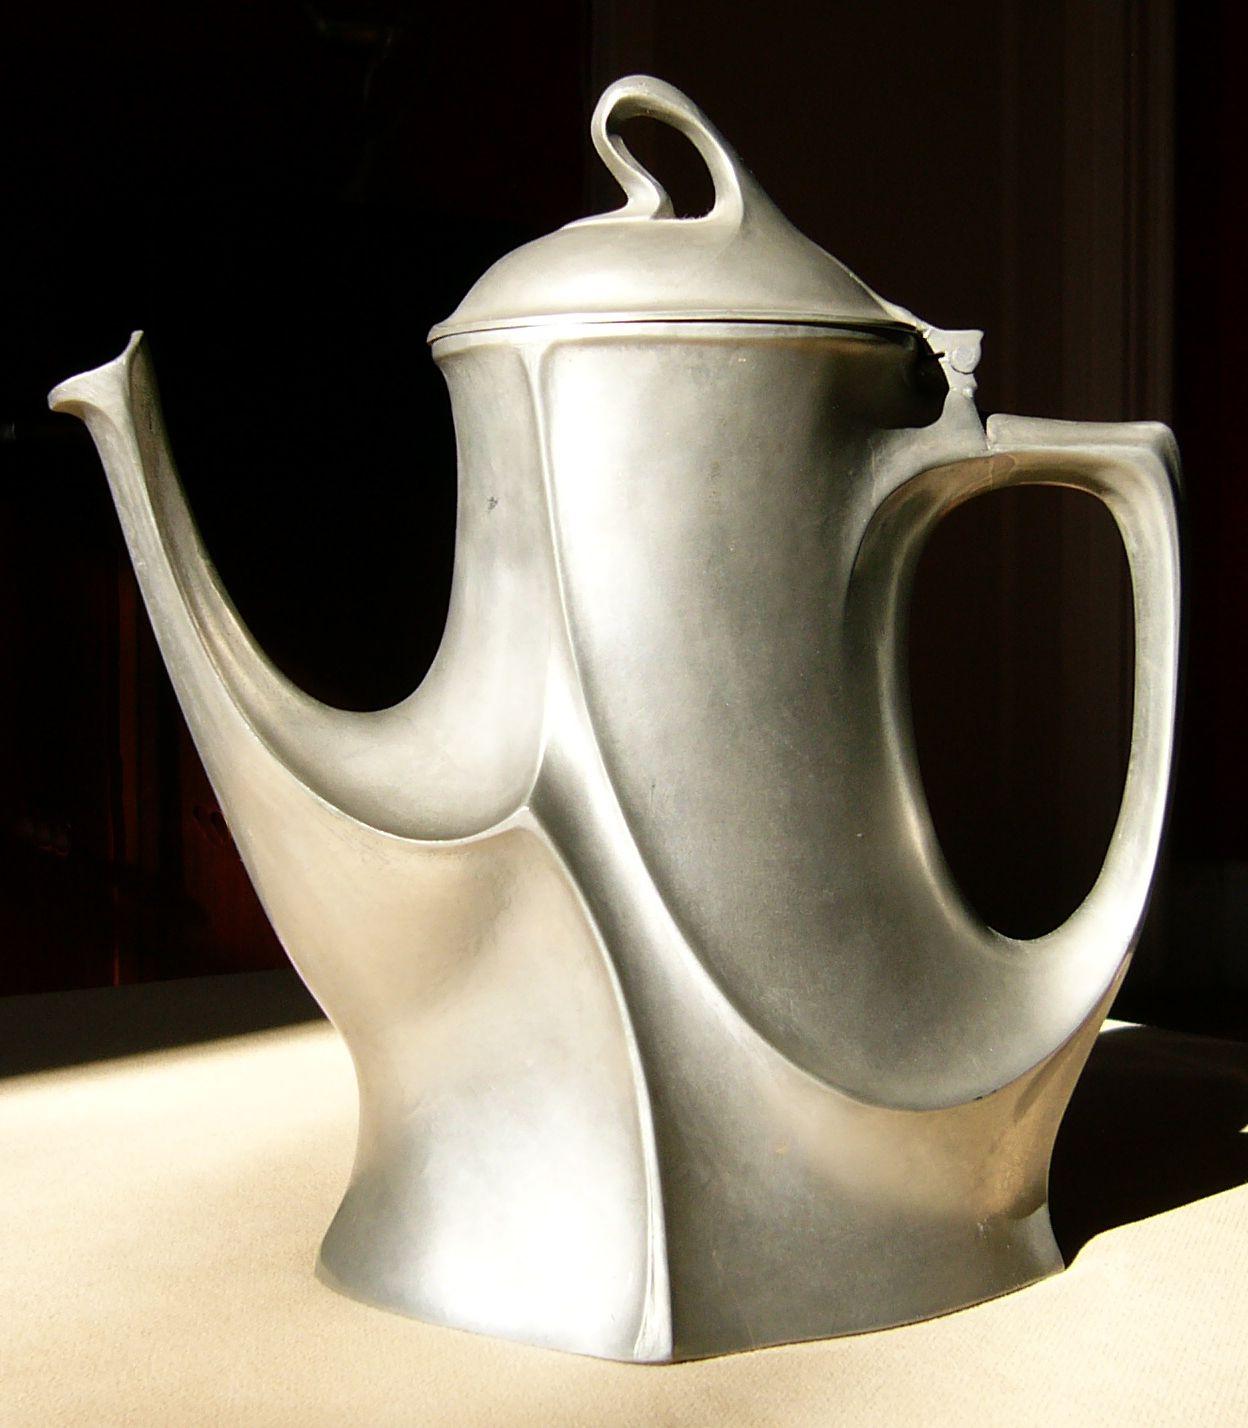 Art Nouveau - jugendstil pewter coffee pot